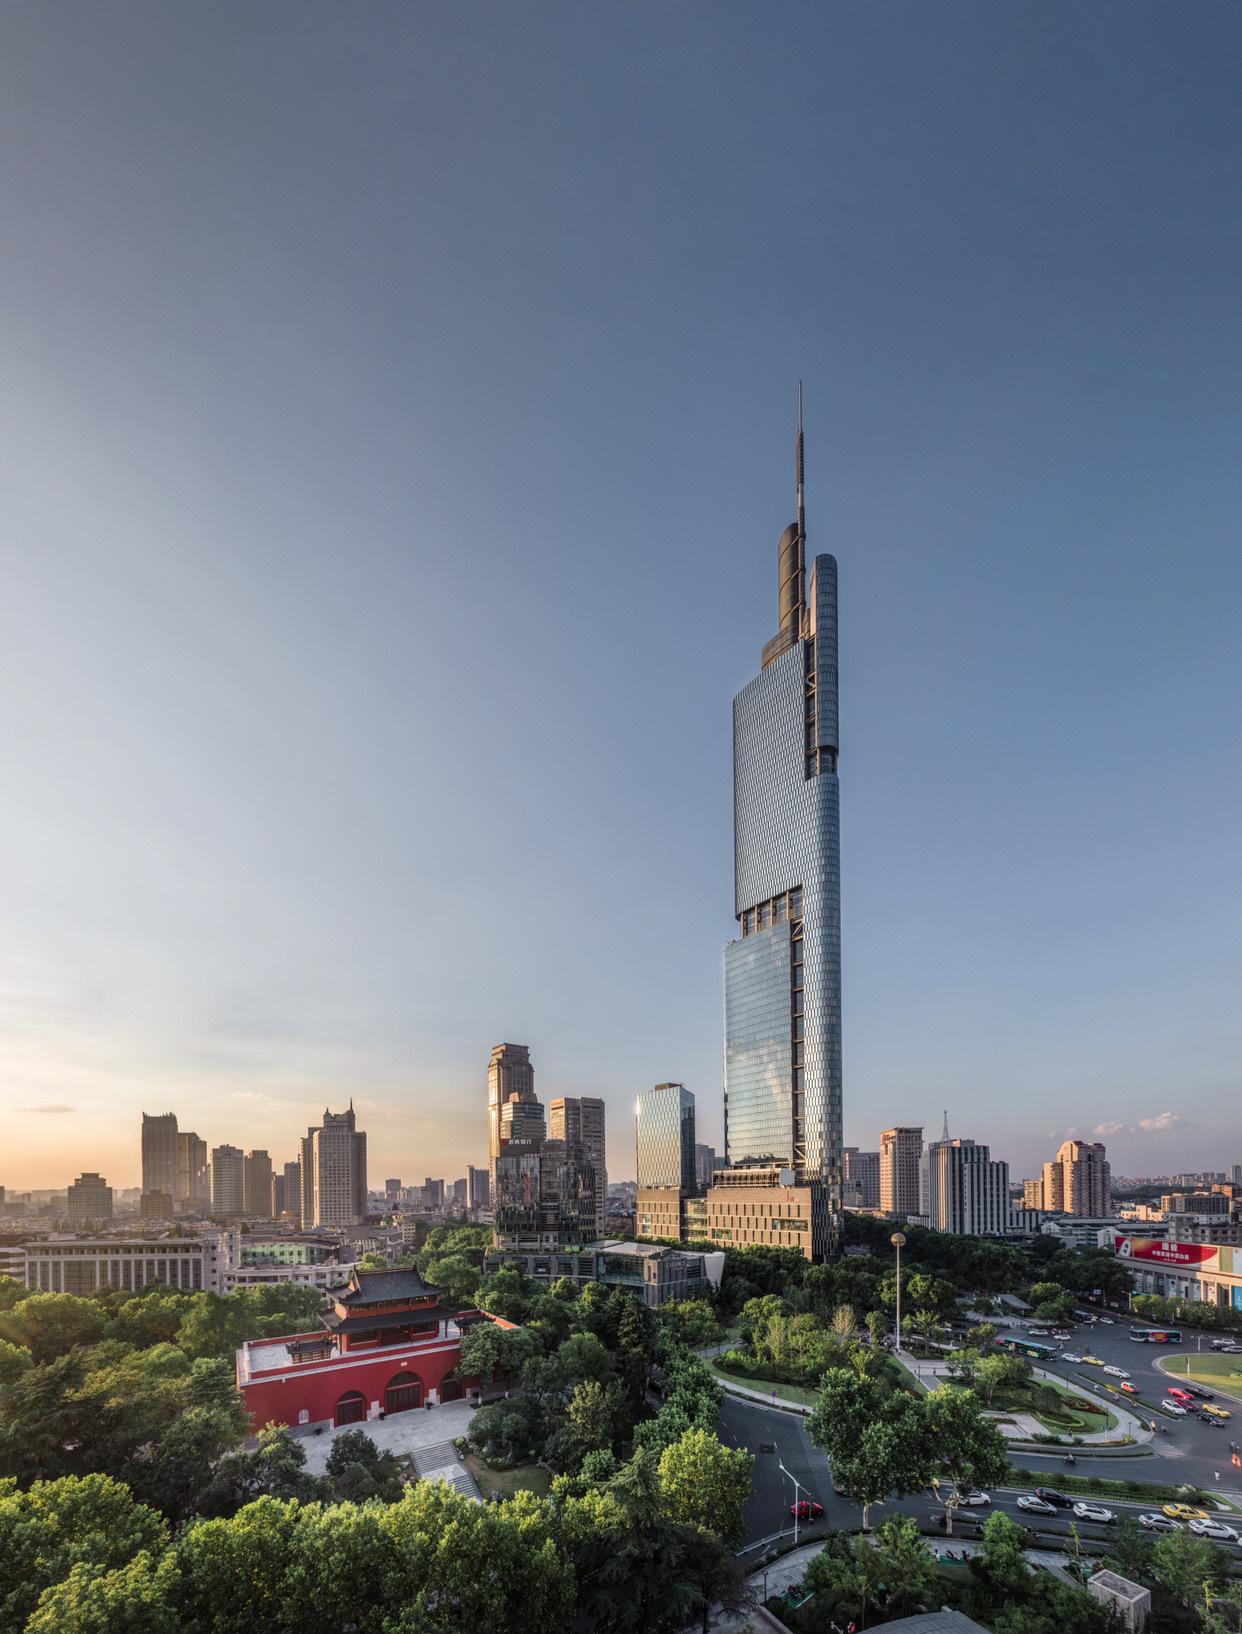 全国各城市gdp排名_2020年一季度全国主要城市GDP排名青岛排第十二